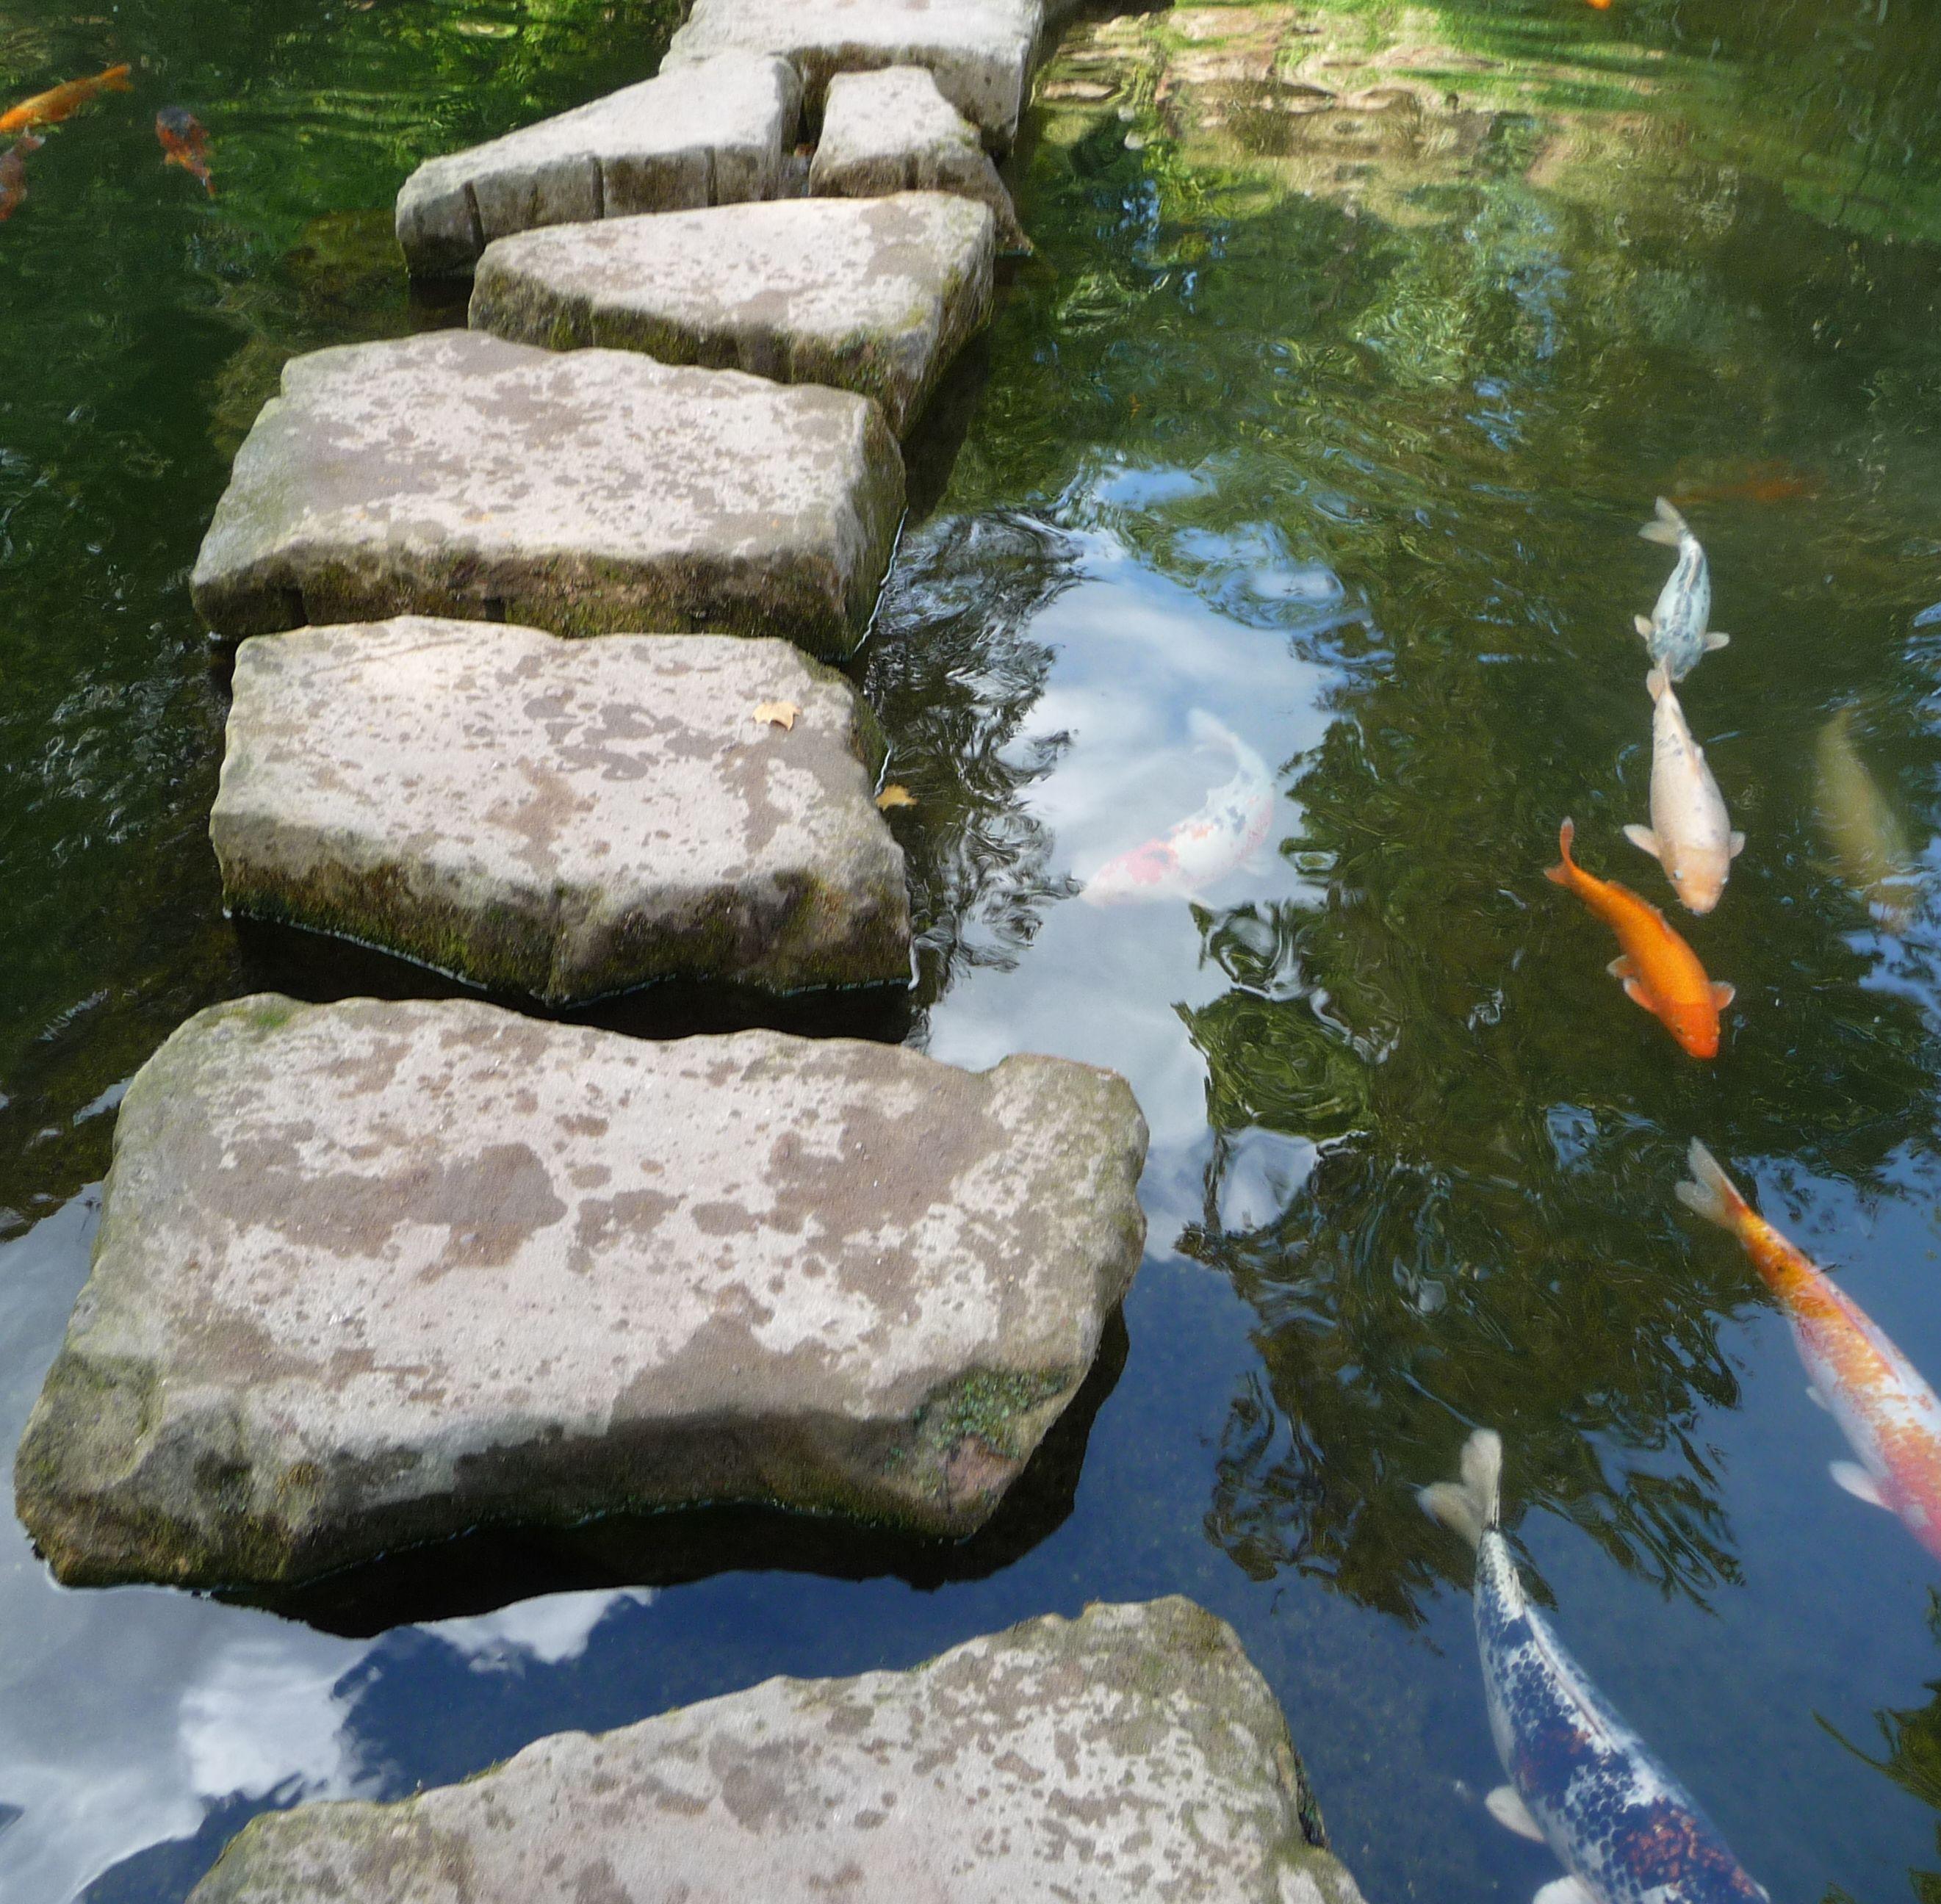 file:trittsteine und übergewichtige koi - panoramio - wikimedia